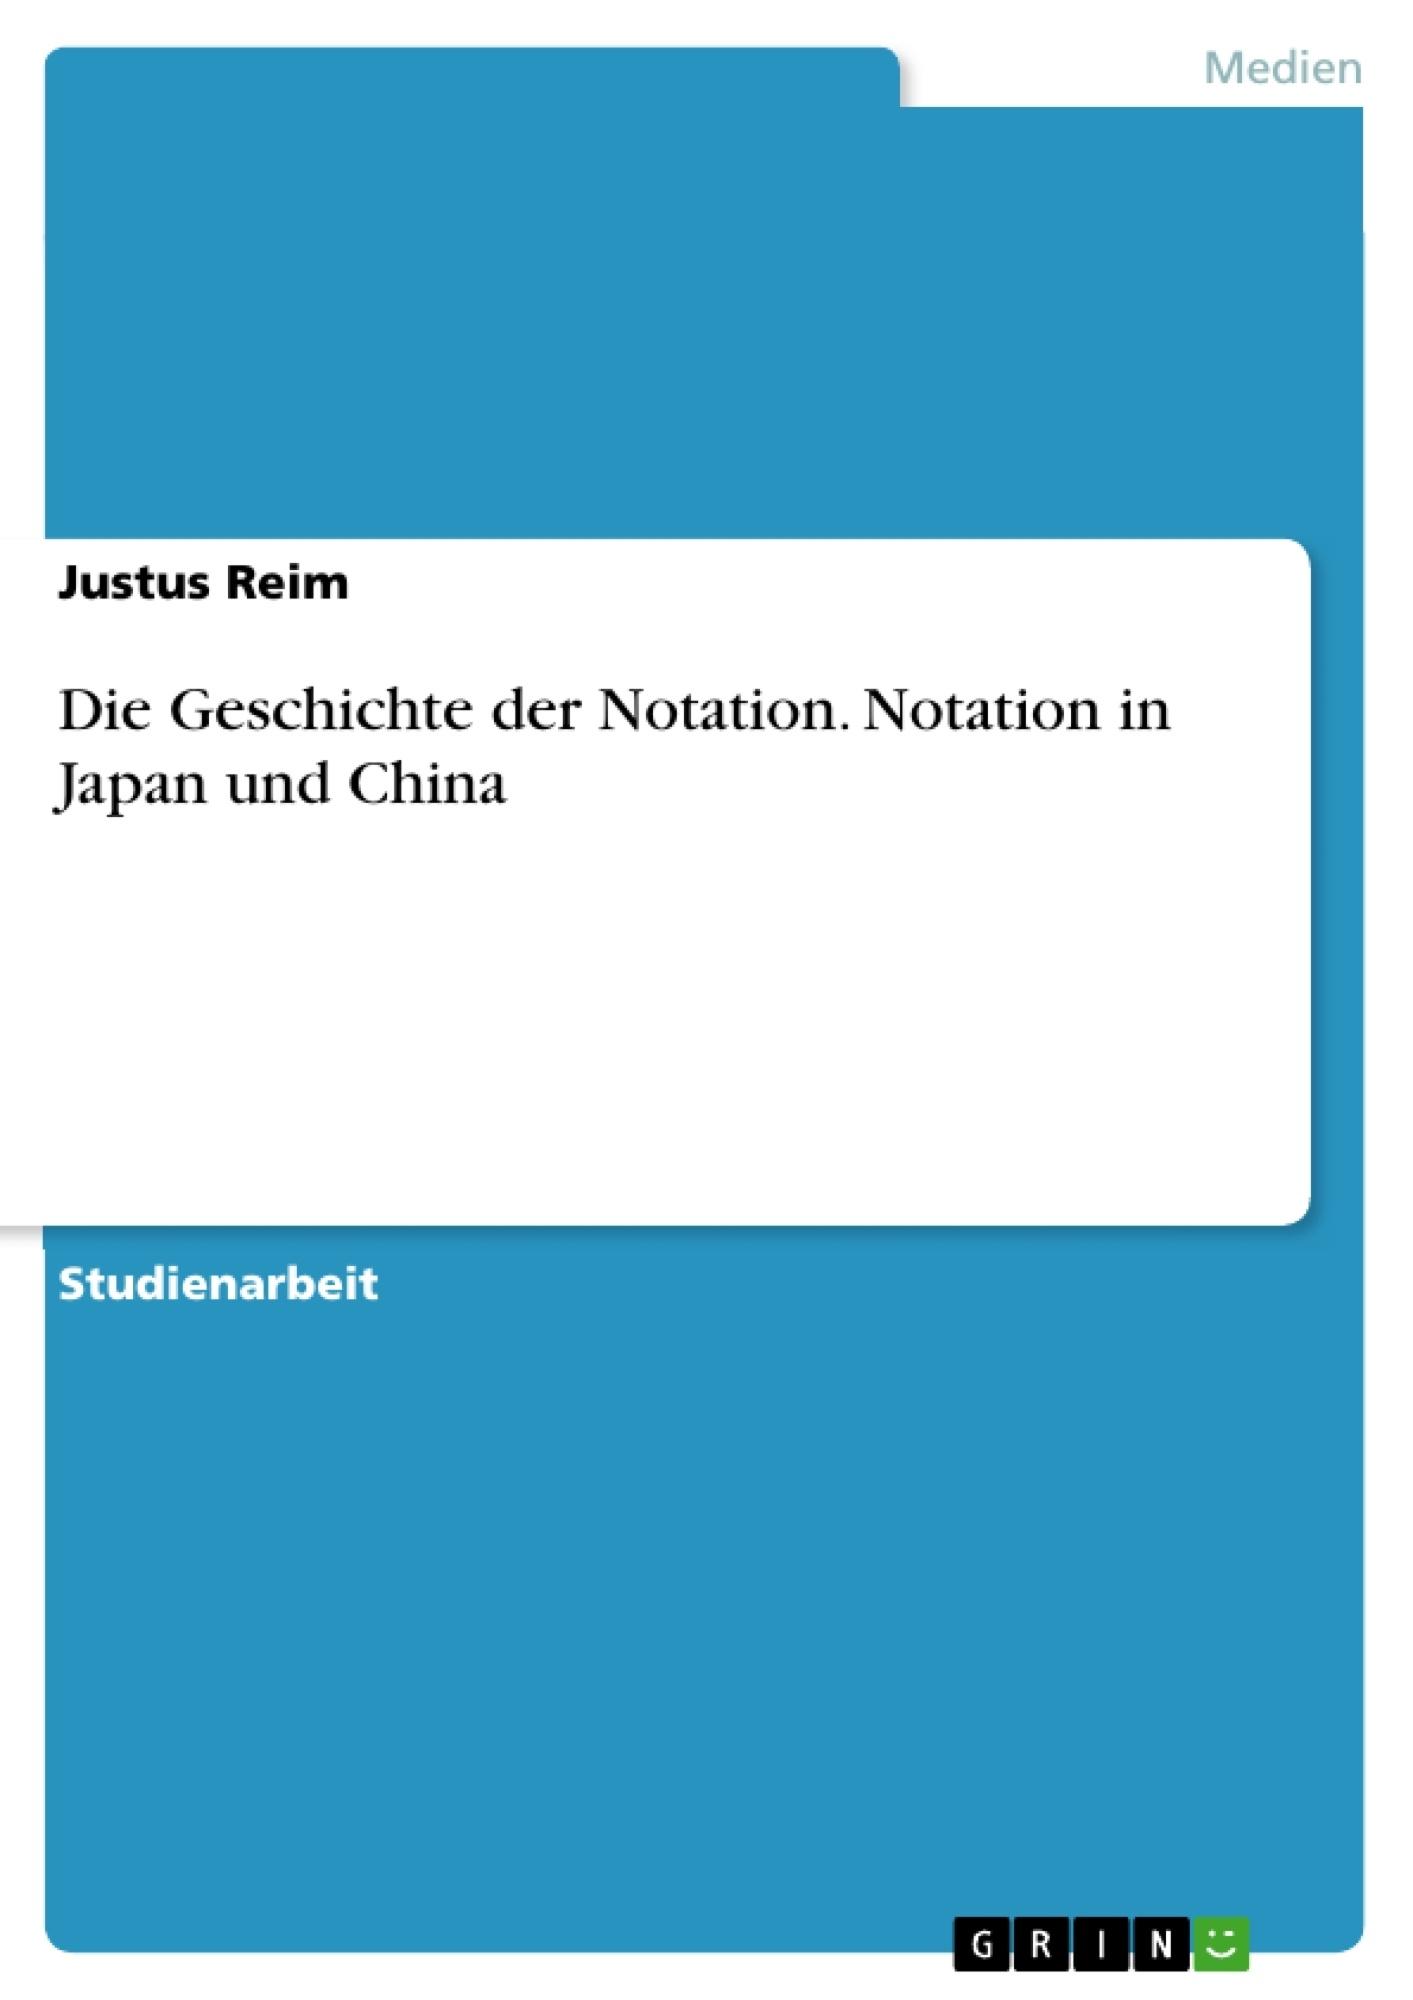 Titel: Die Geschichte der Notation. Notation in Japan und China